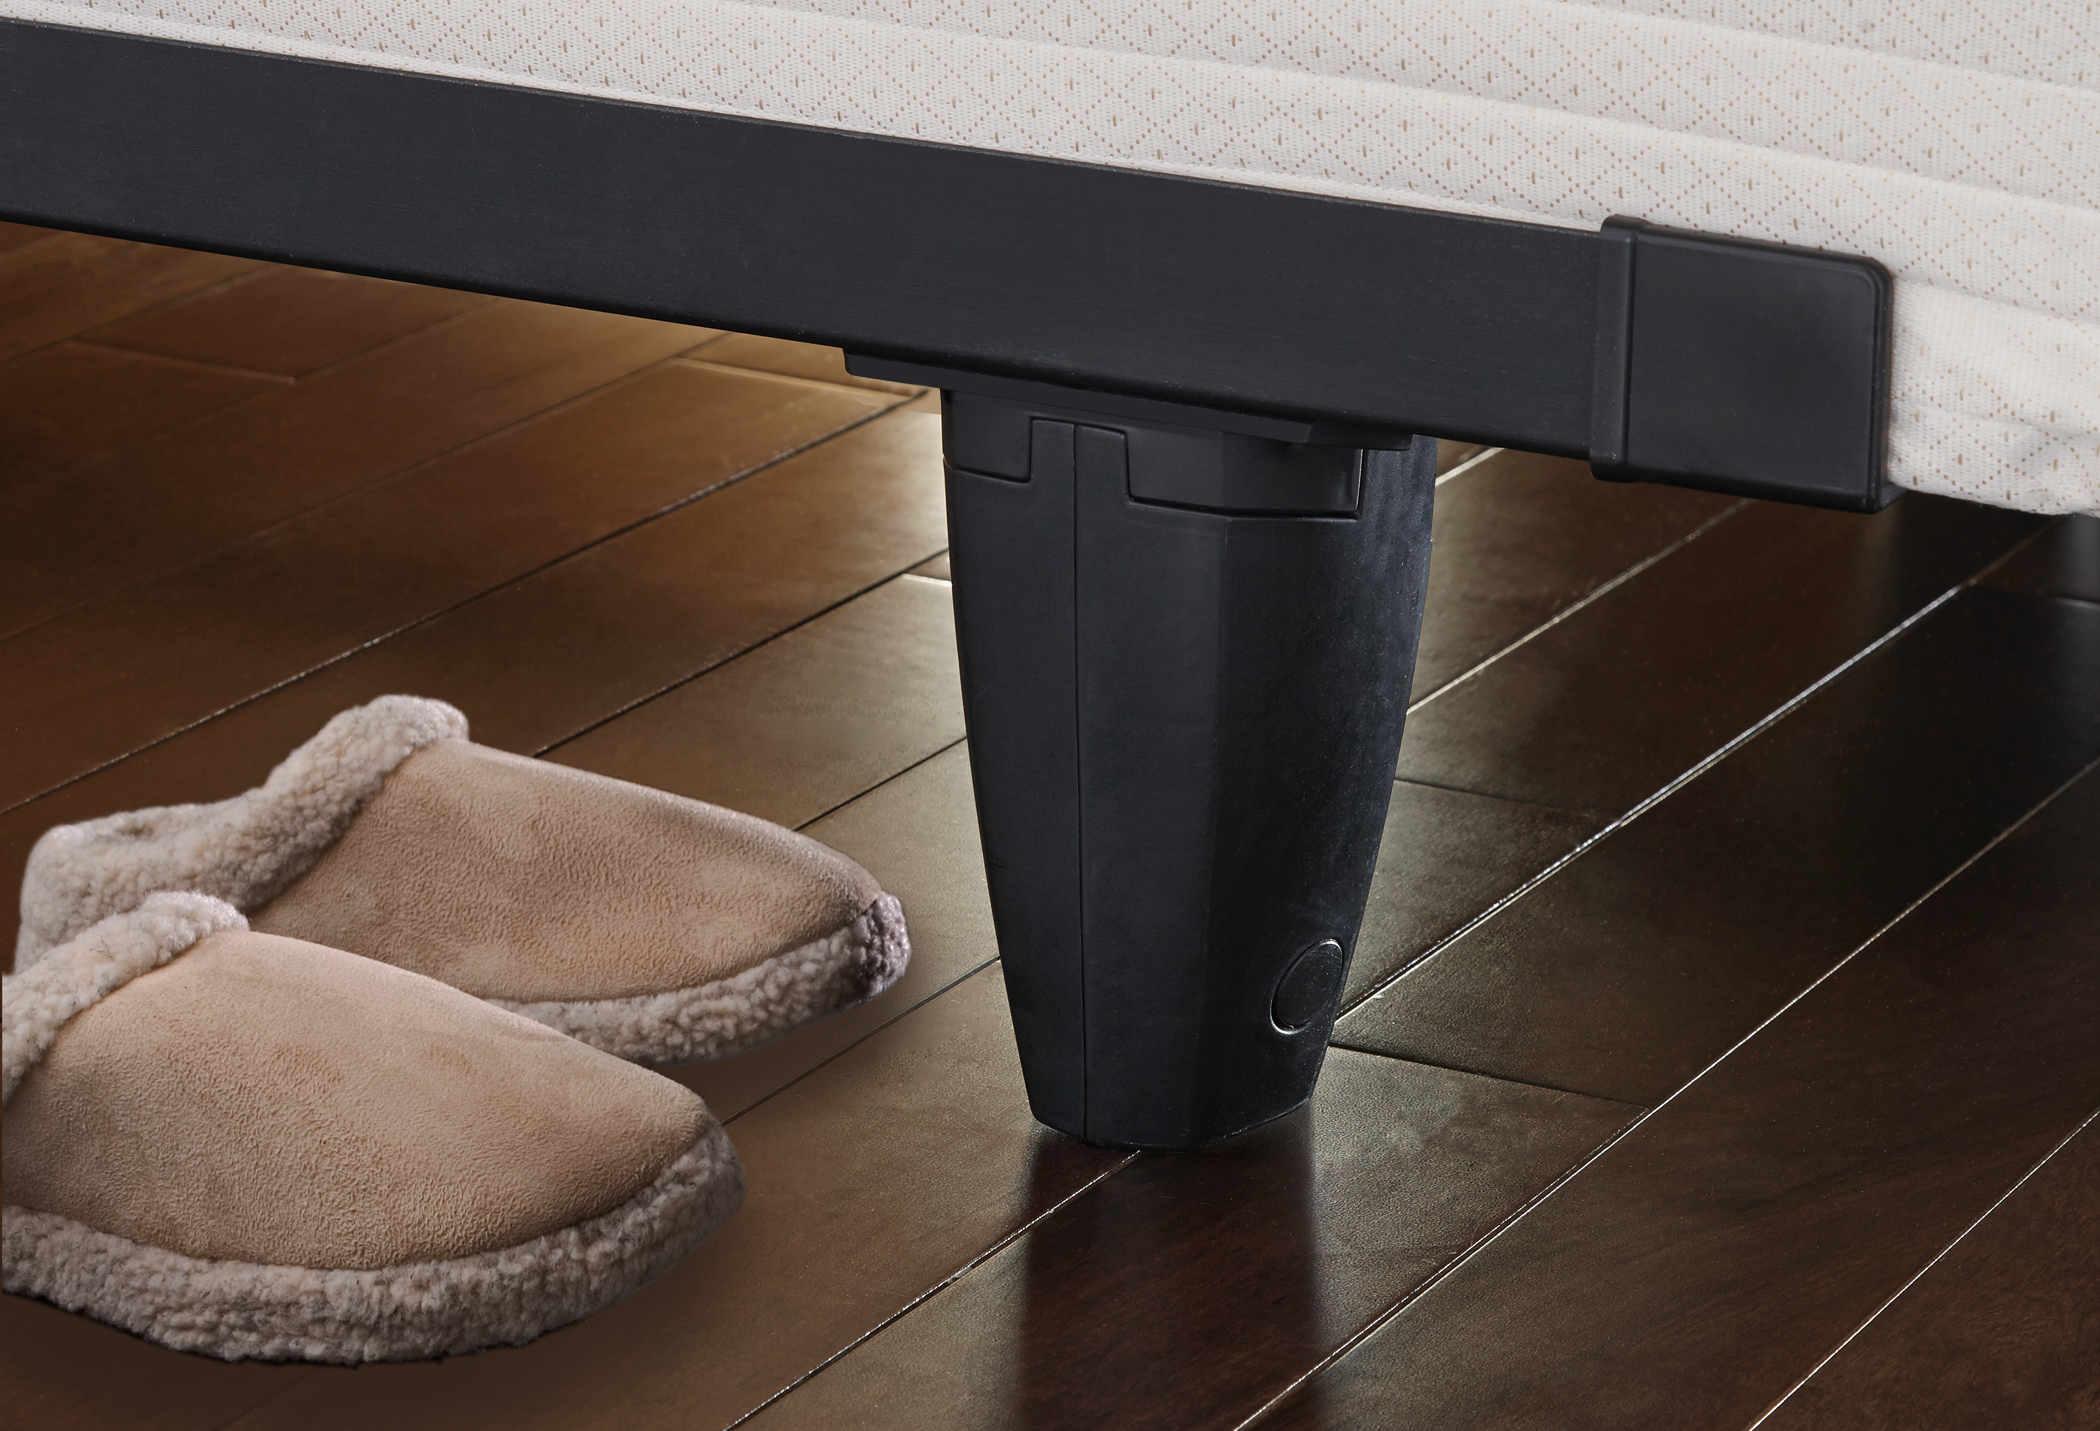 Knickerbocker Bed Frames - Mattress Reviews | GoodBed.com